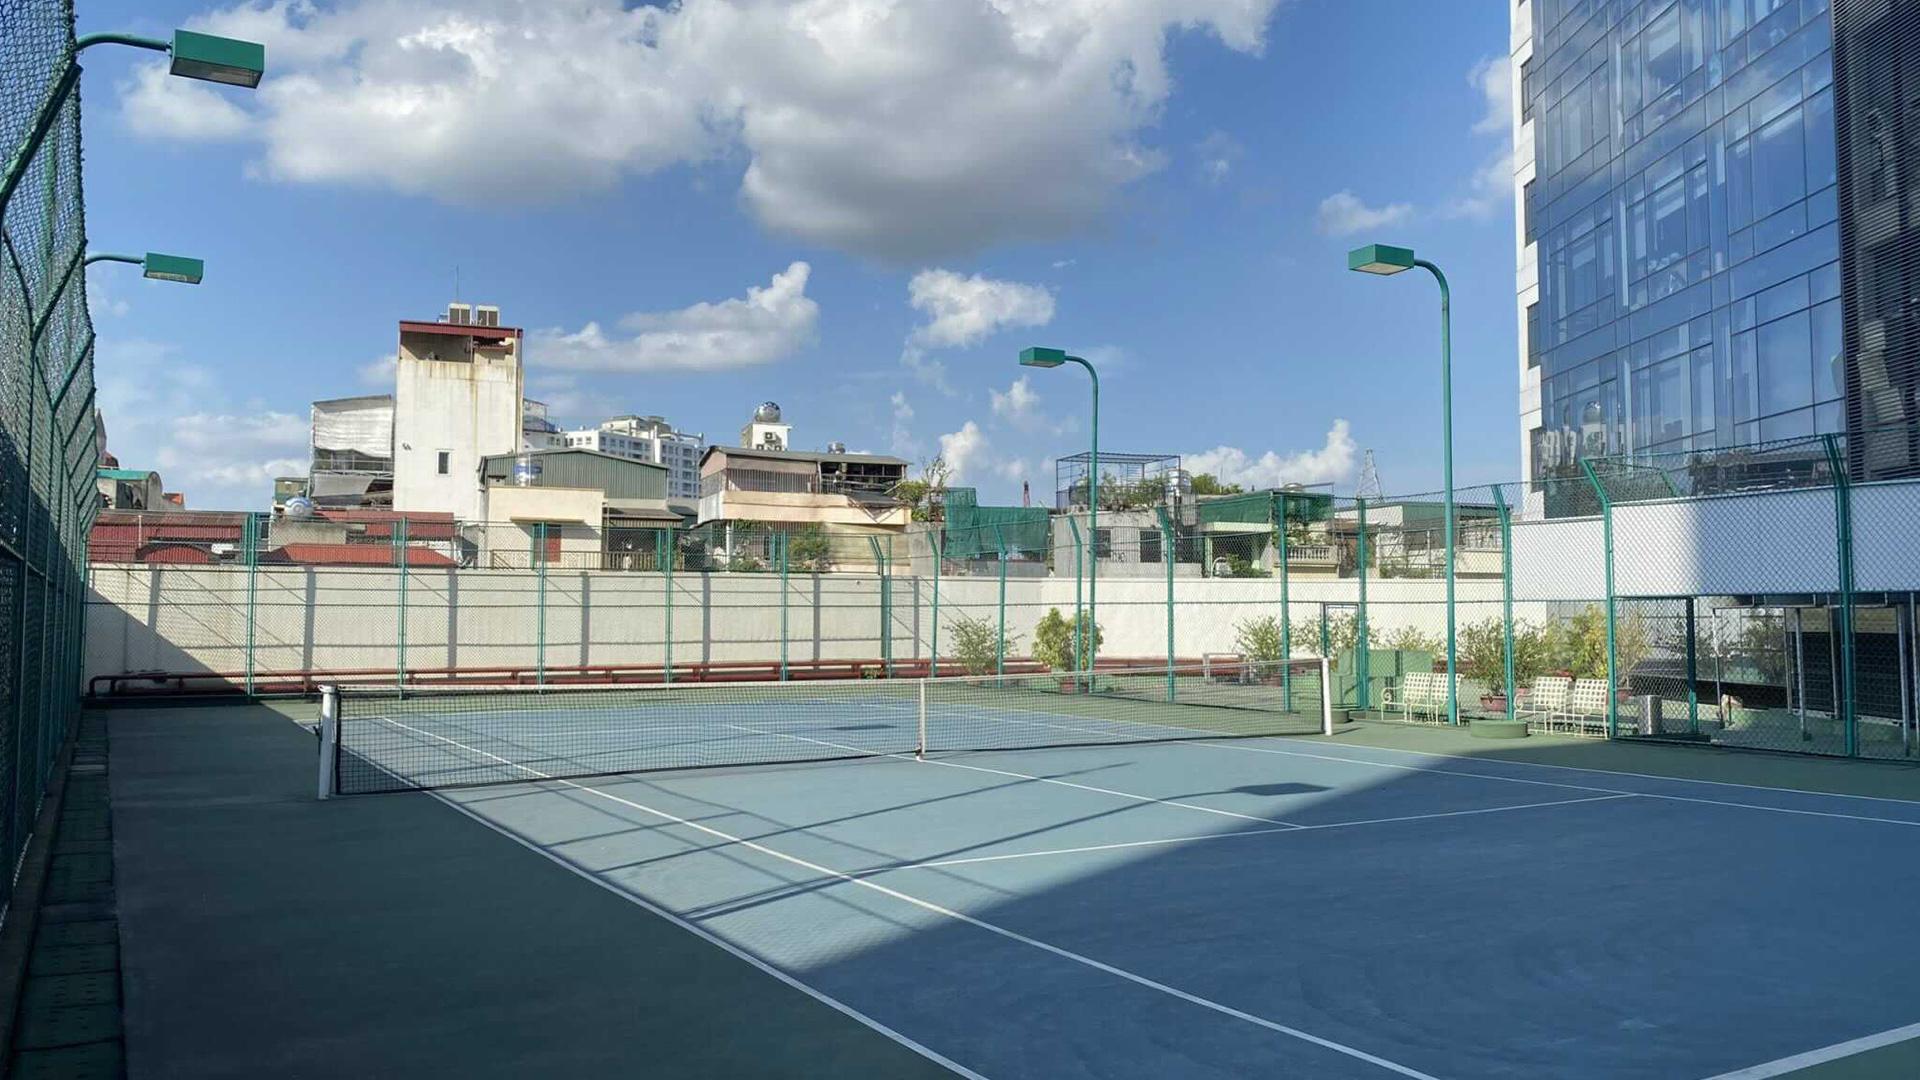 voucher tennis